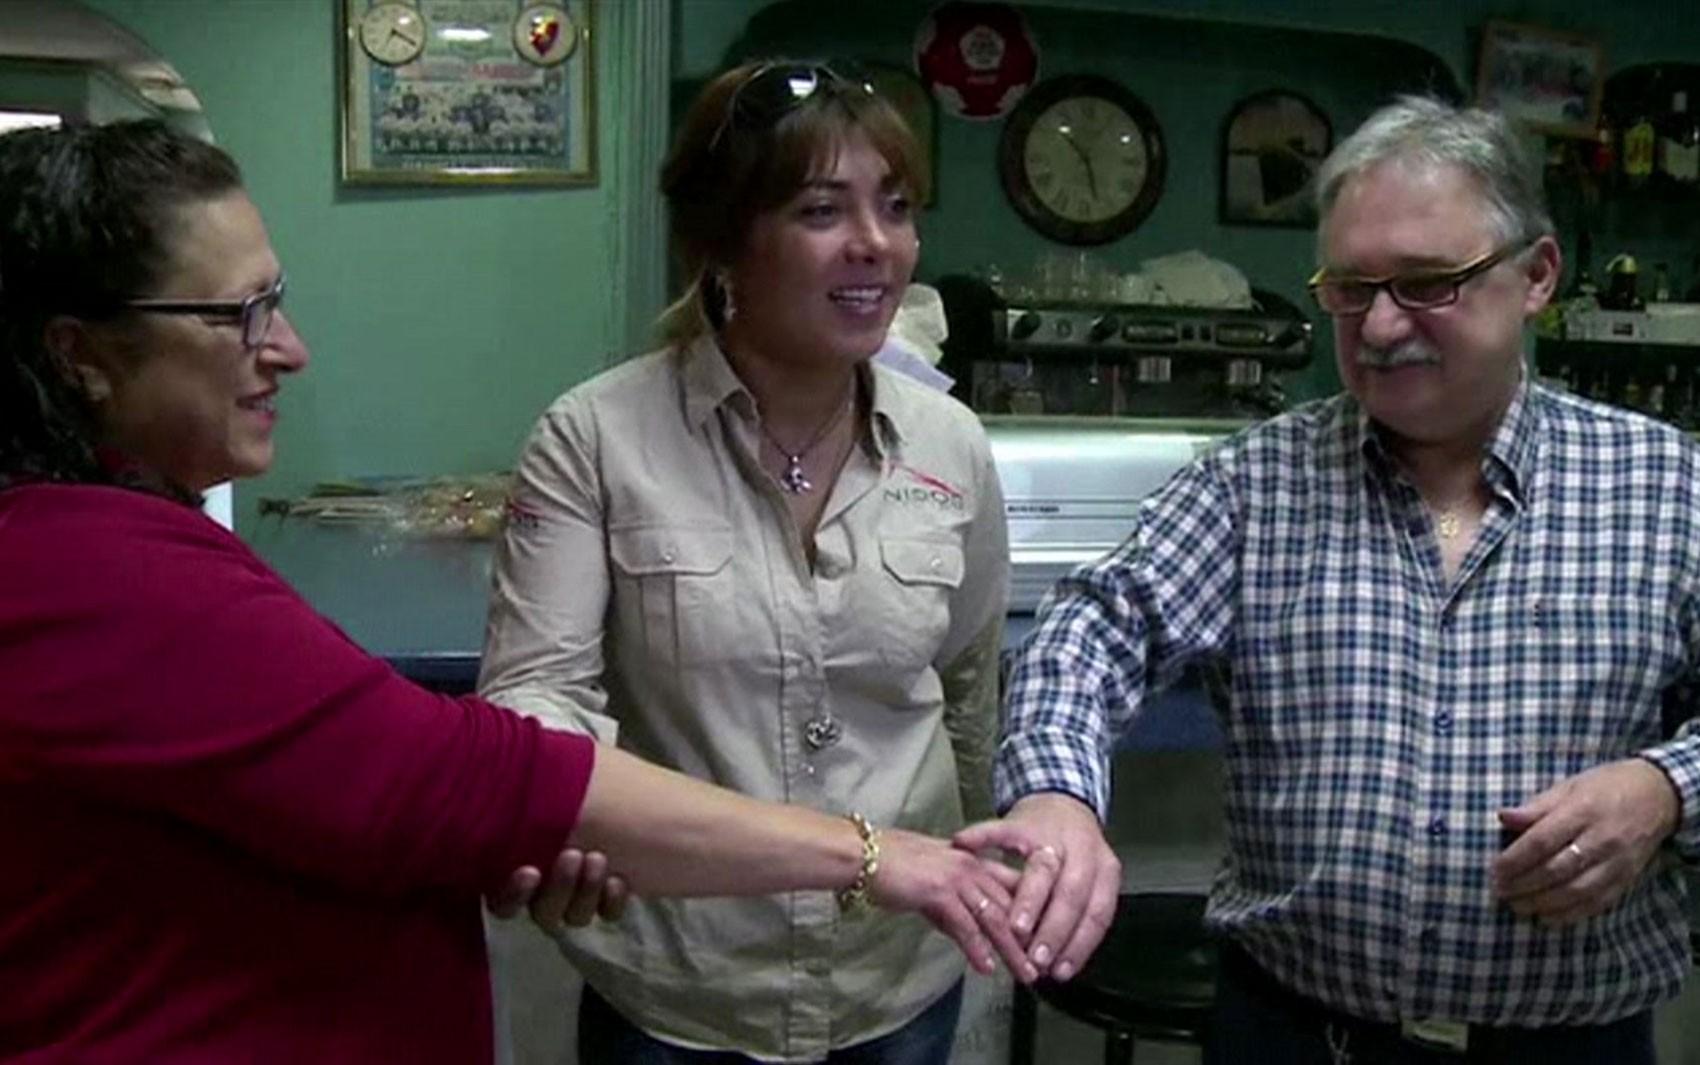 Aliança encontrada no mar e postada no Facebook é devolvida ao dono depois de 37 anos (Foto: Reprodução/BBC)